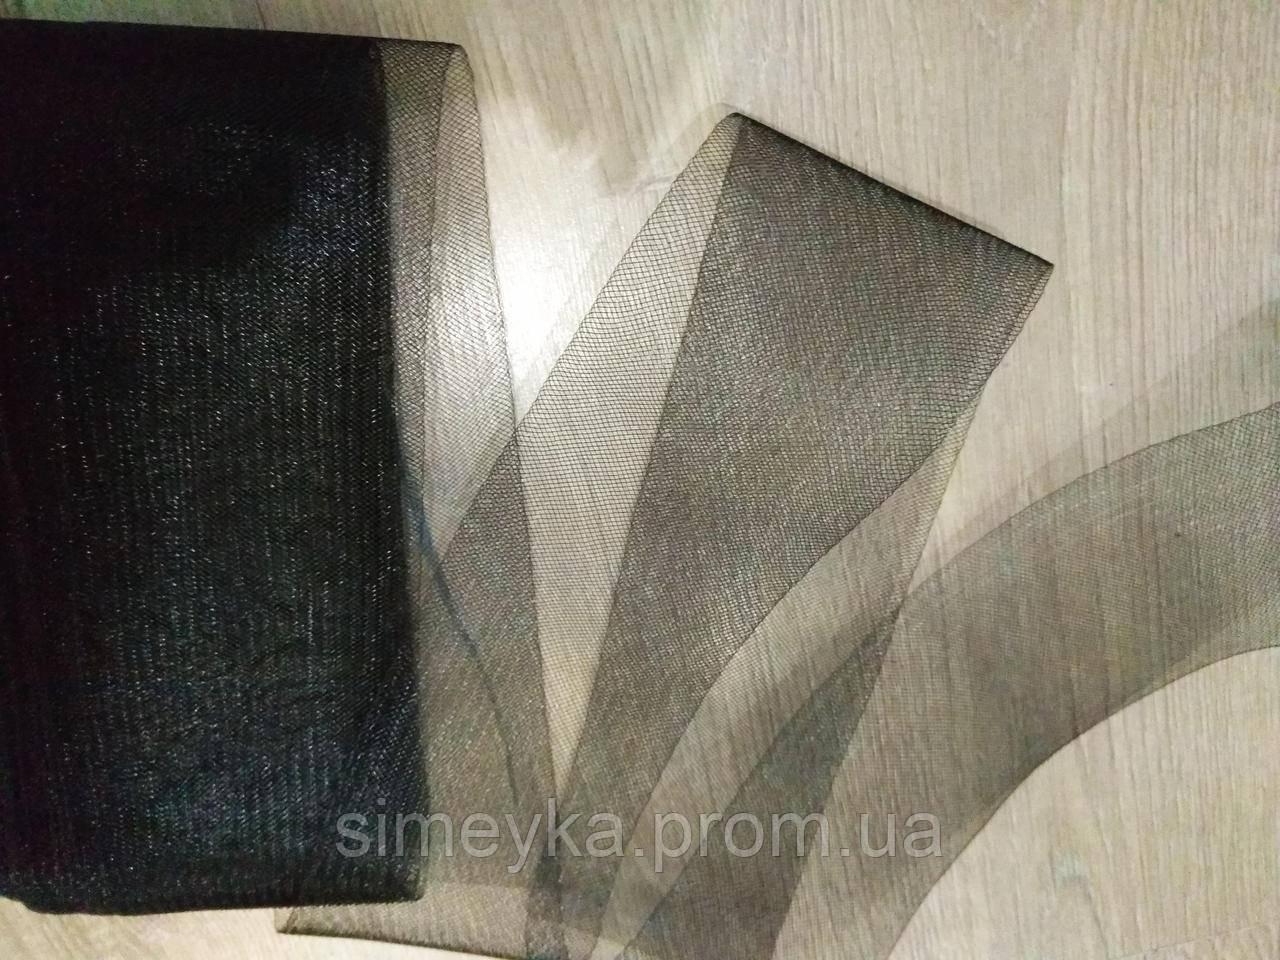 Регилін м'який (кренолін) плаский, ширина 10 см, моток 23 м. Чорний